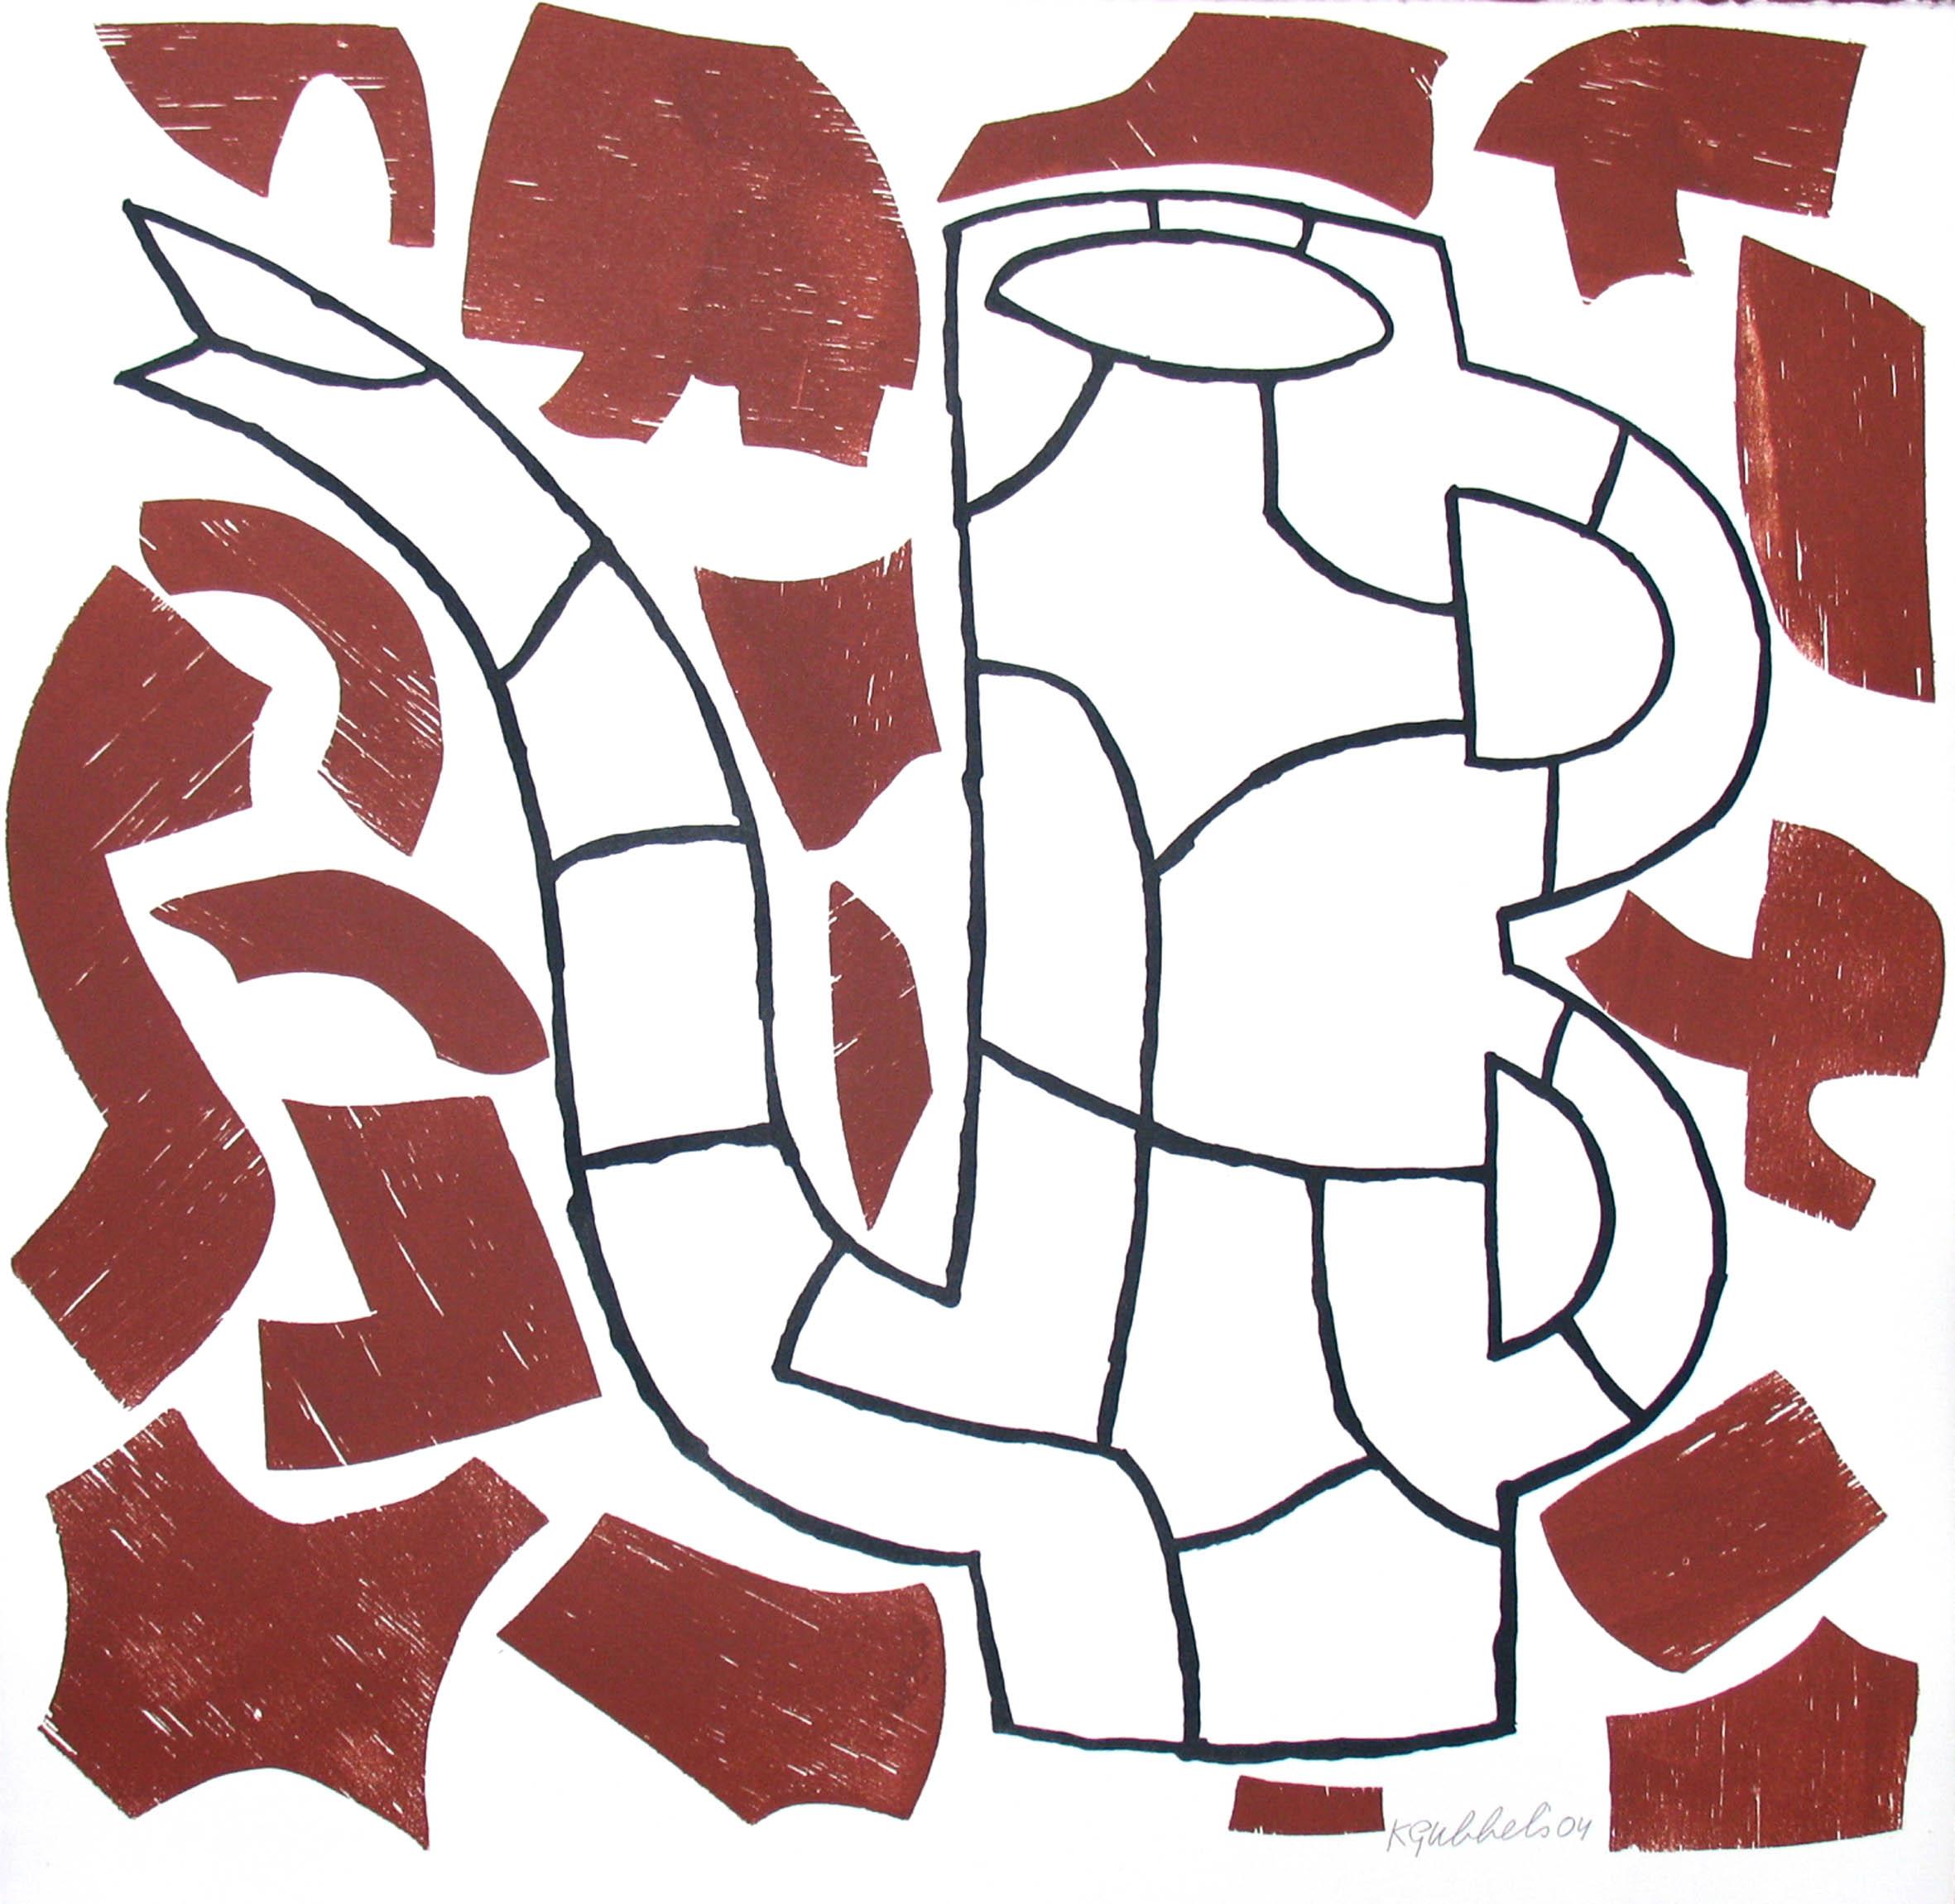 z.t. (puzzlekan grijs) (2004)